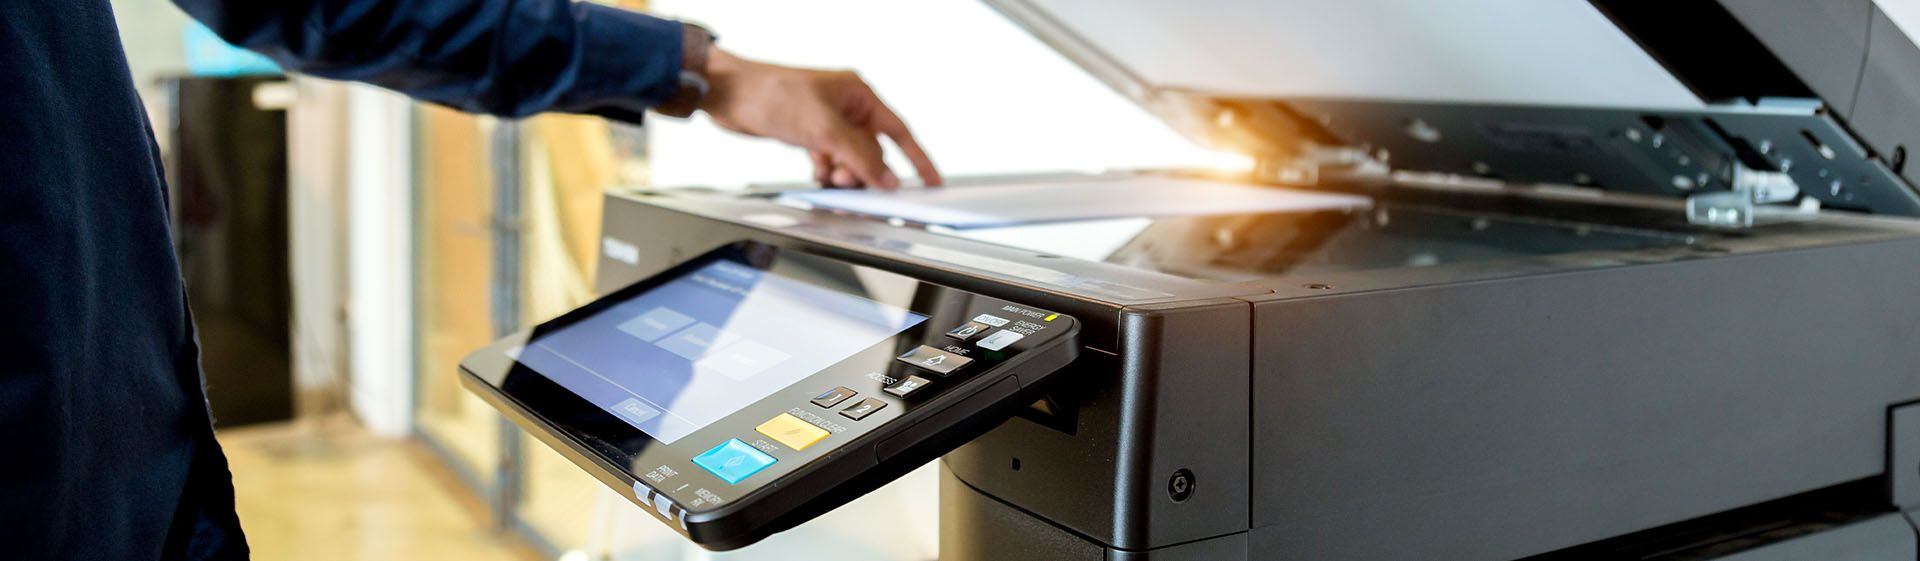 Impressoras na Black Friday 2020: 8 modelos que podem ficar baratos